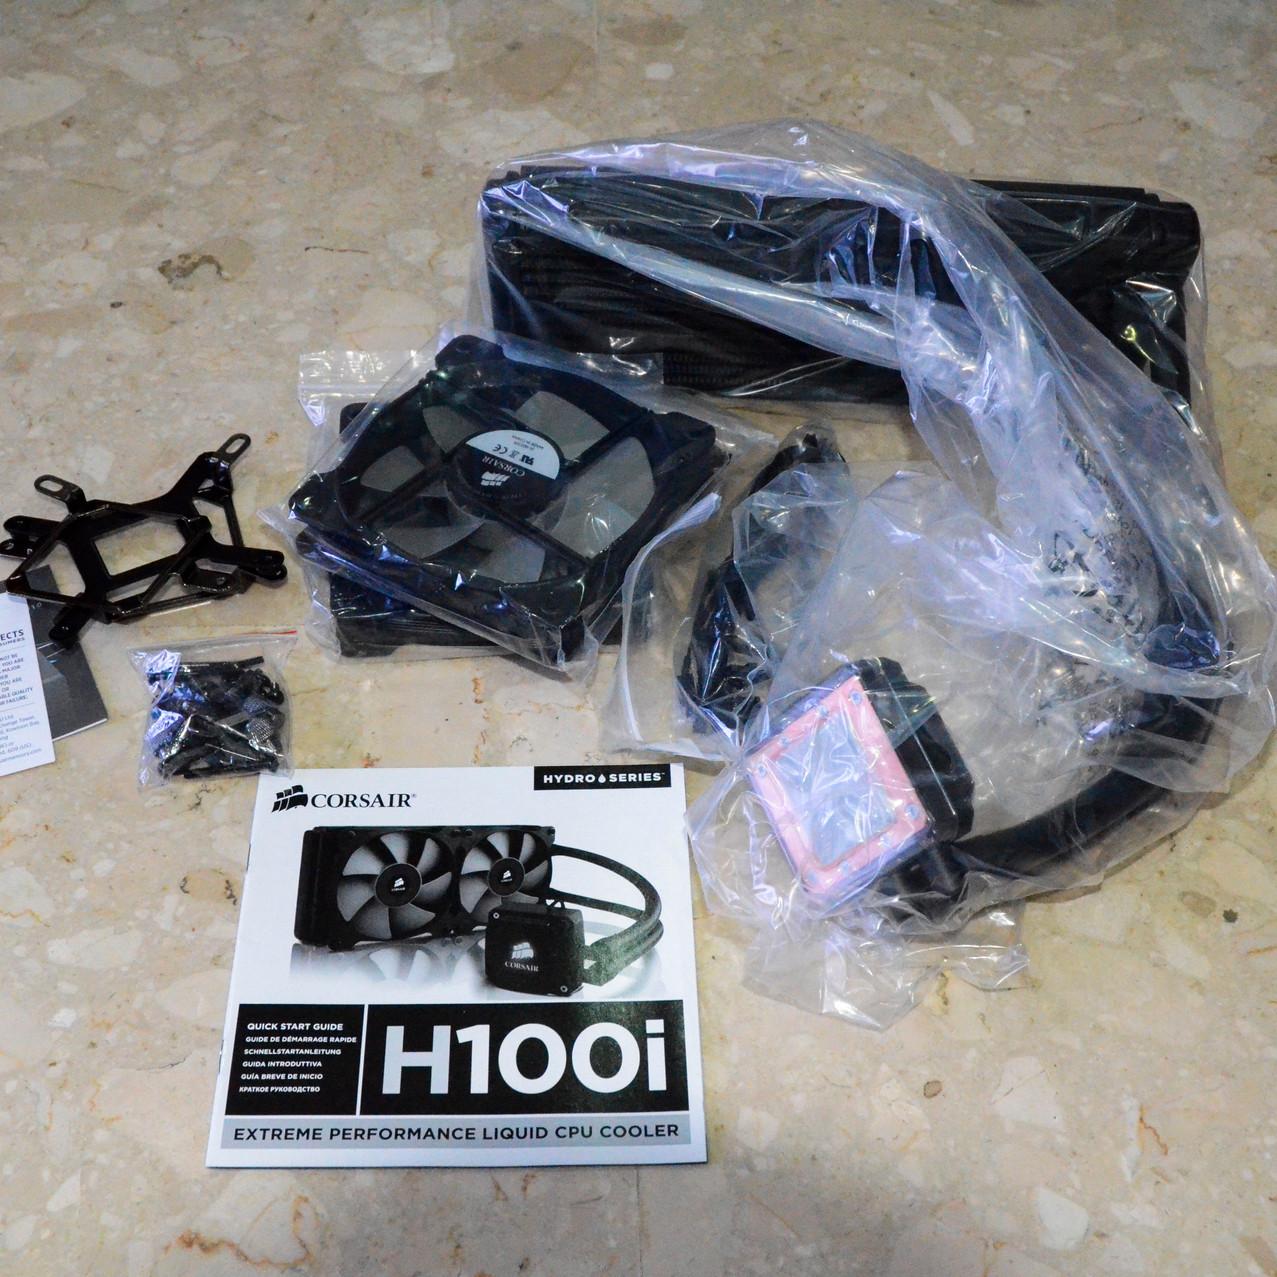 H100i Liquid Cooler Unboxed